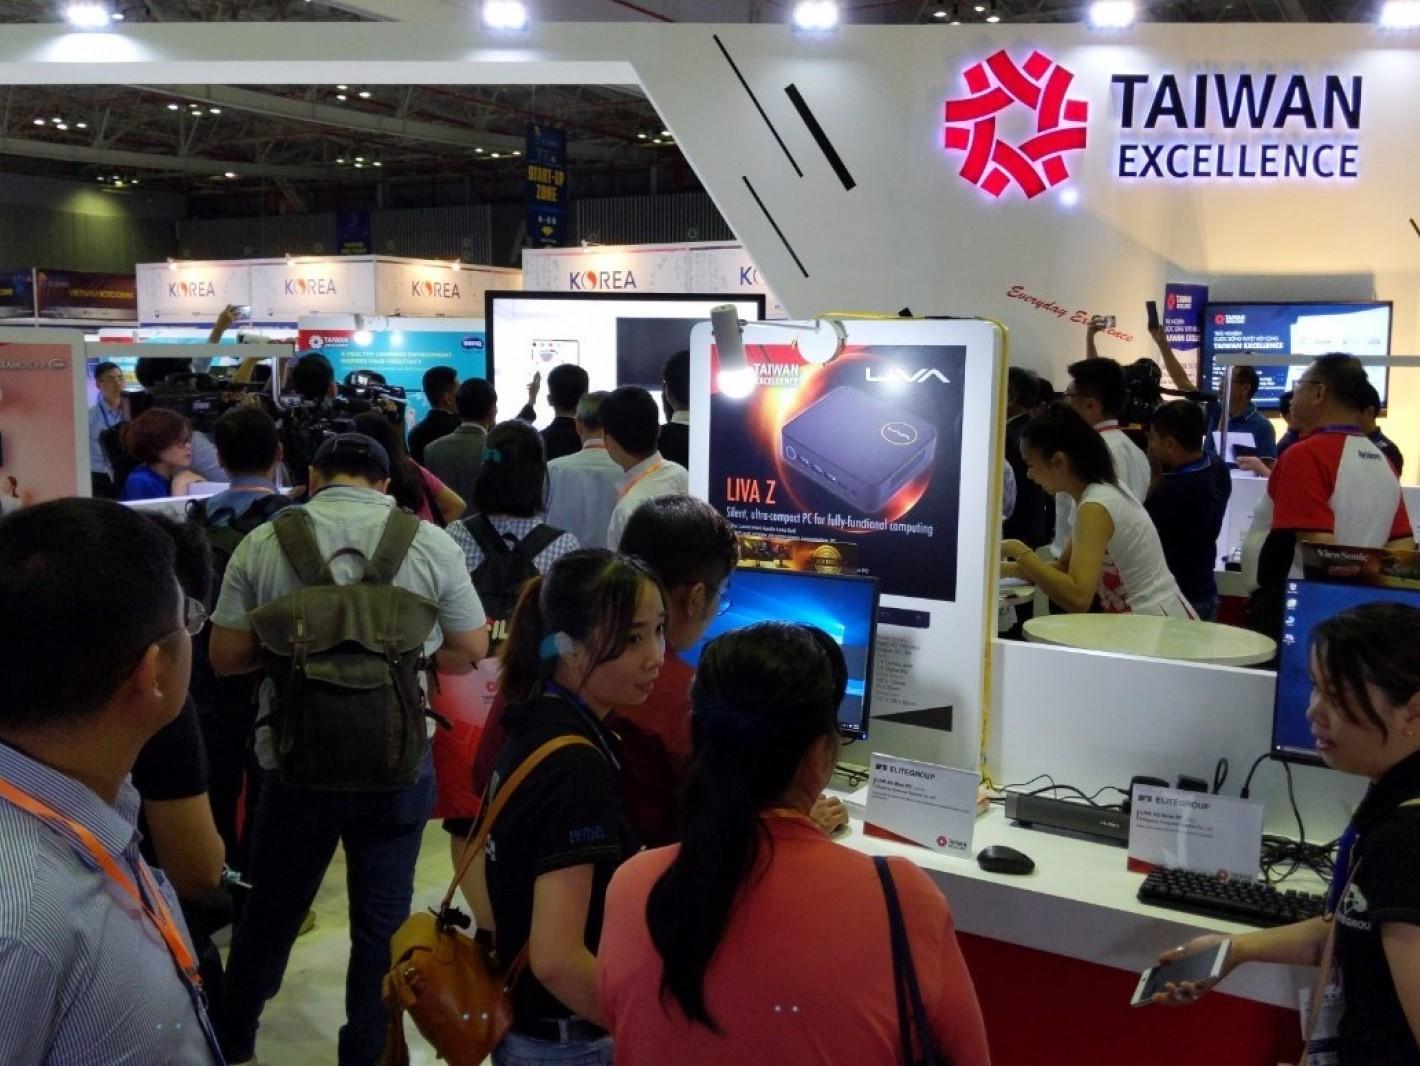 台灣精品館展出22家資通訊品牌近80件產品,吸引眾多買主及消費者駐足參觀體驗。